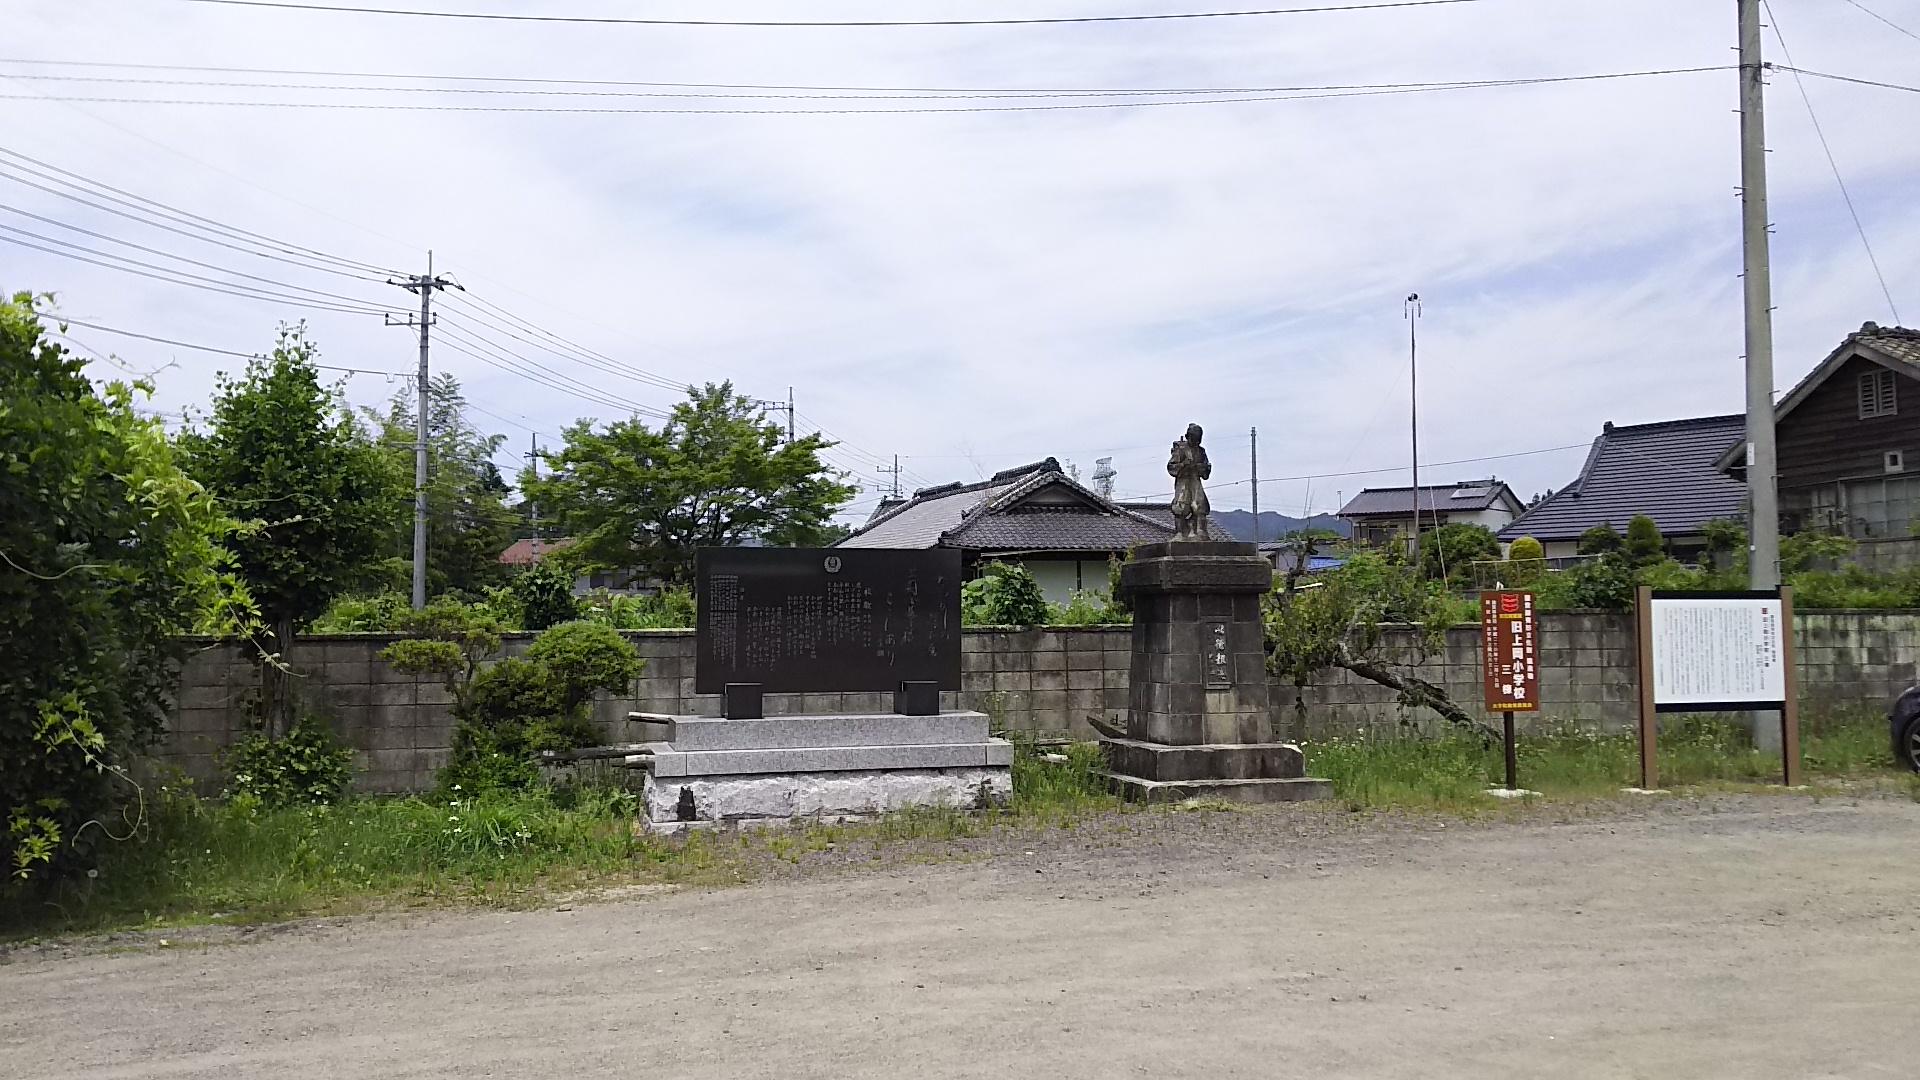 DSC_0723daigouwaokaooarai (45)